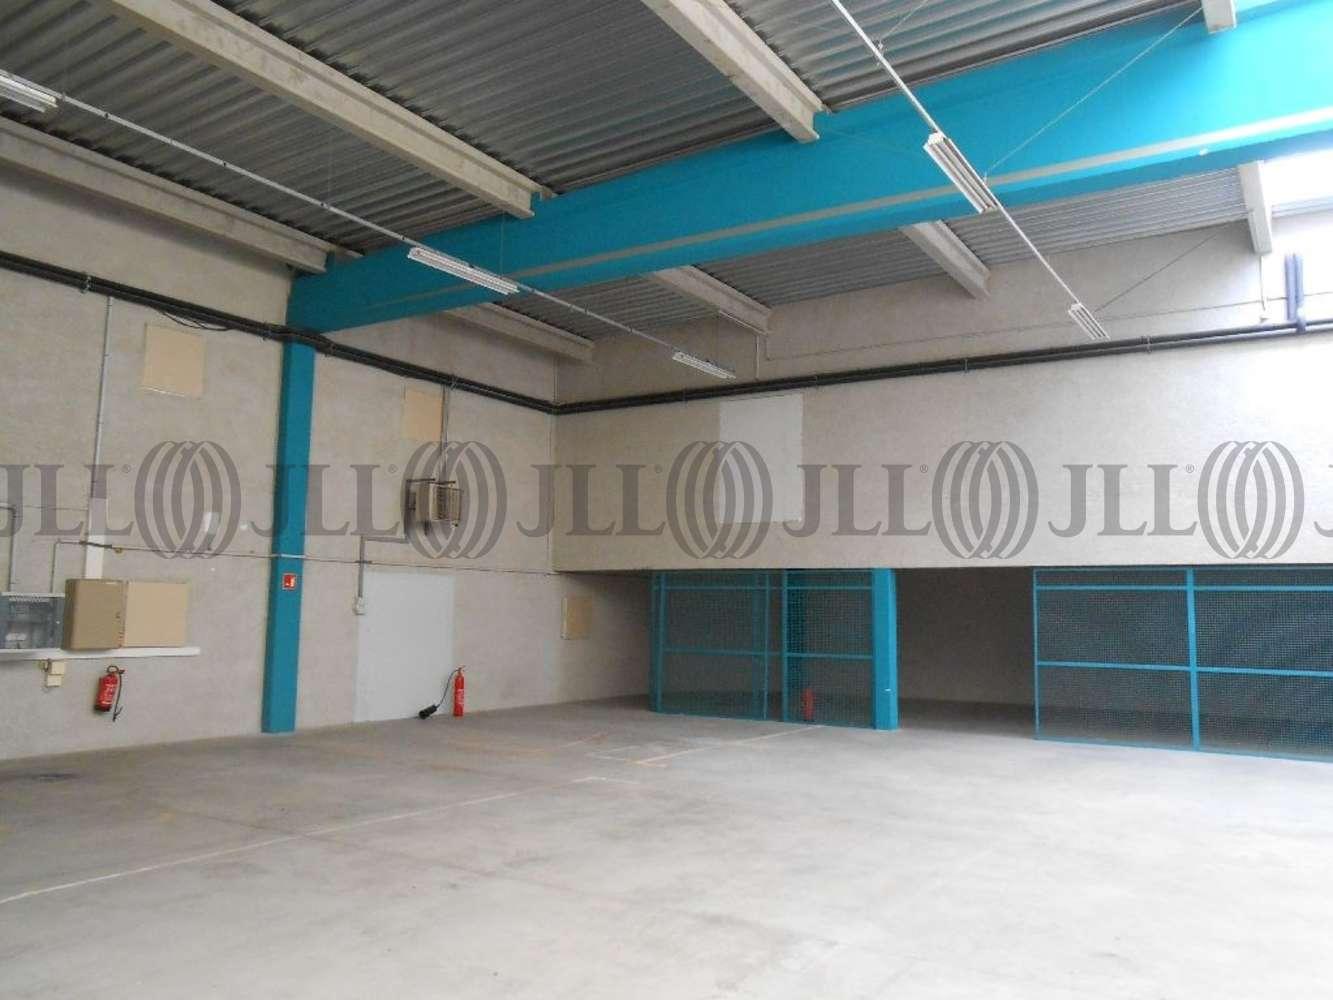 Activités/entrepôt Bron, 69500 - Location locaux d'activité Bron Lyon Est - 9766403